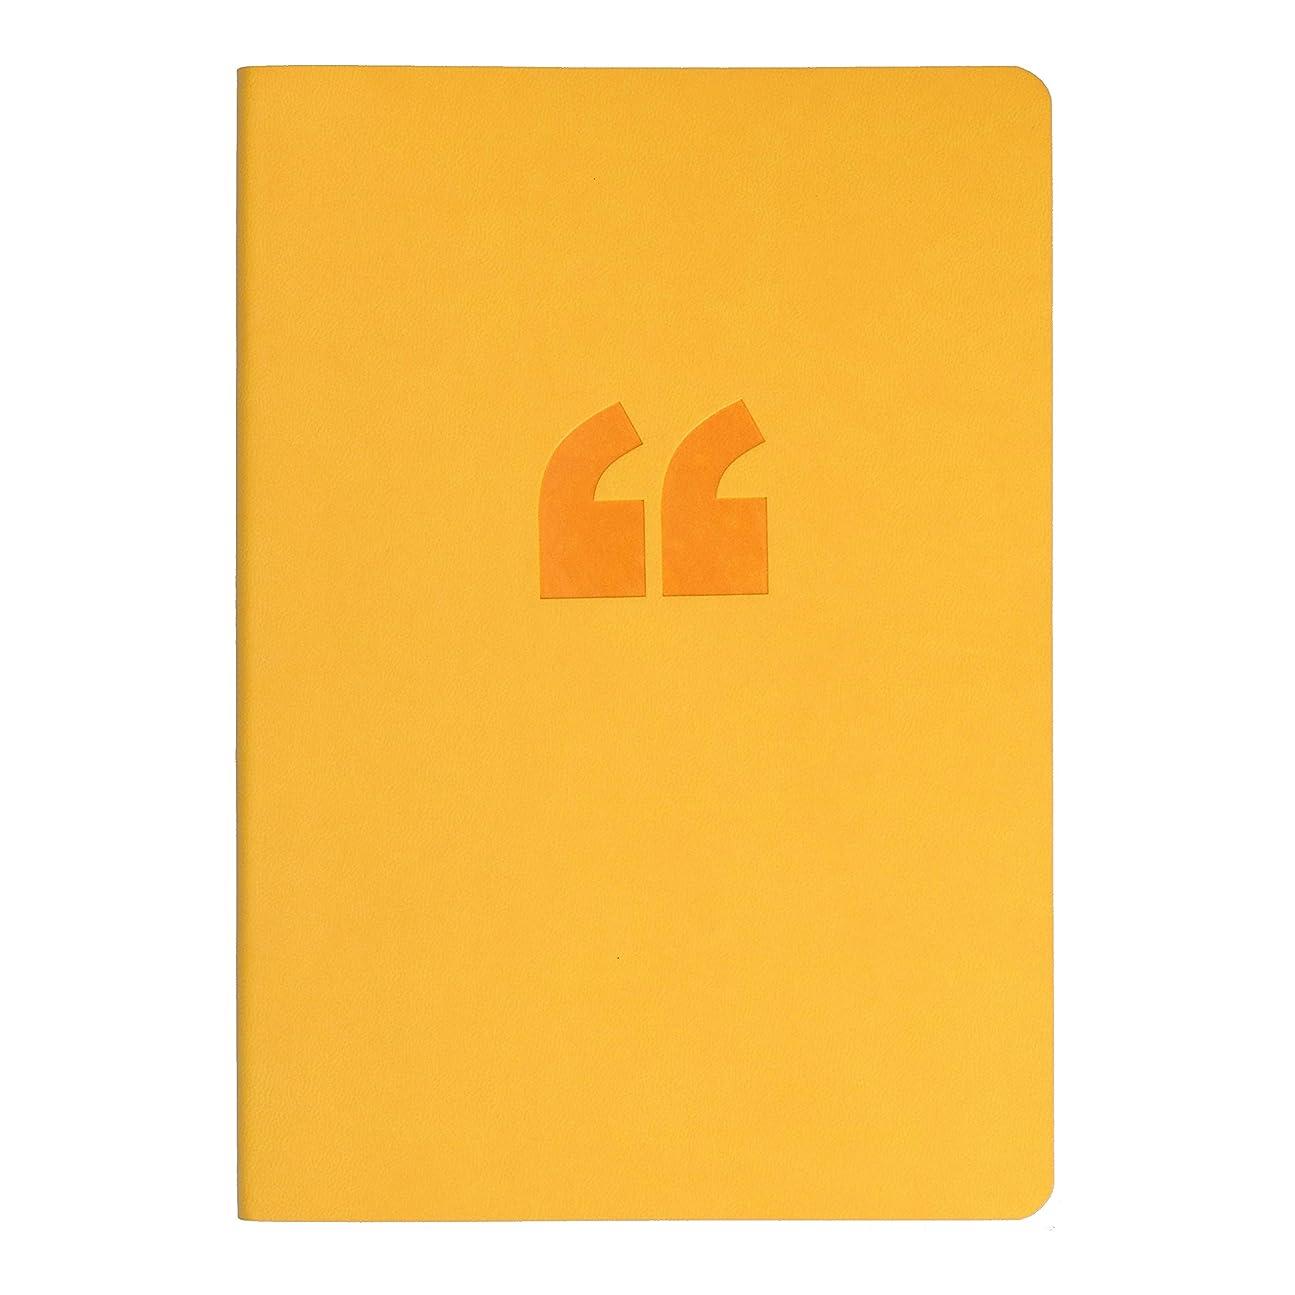 マーチャンダイザー示すジョージスティーブンソンコリンズ ノート A5 横罫 エッジ 黄 ED15R45